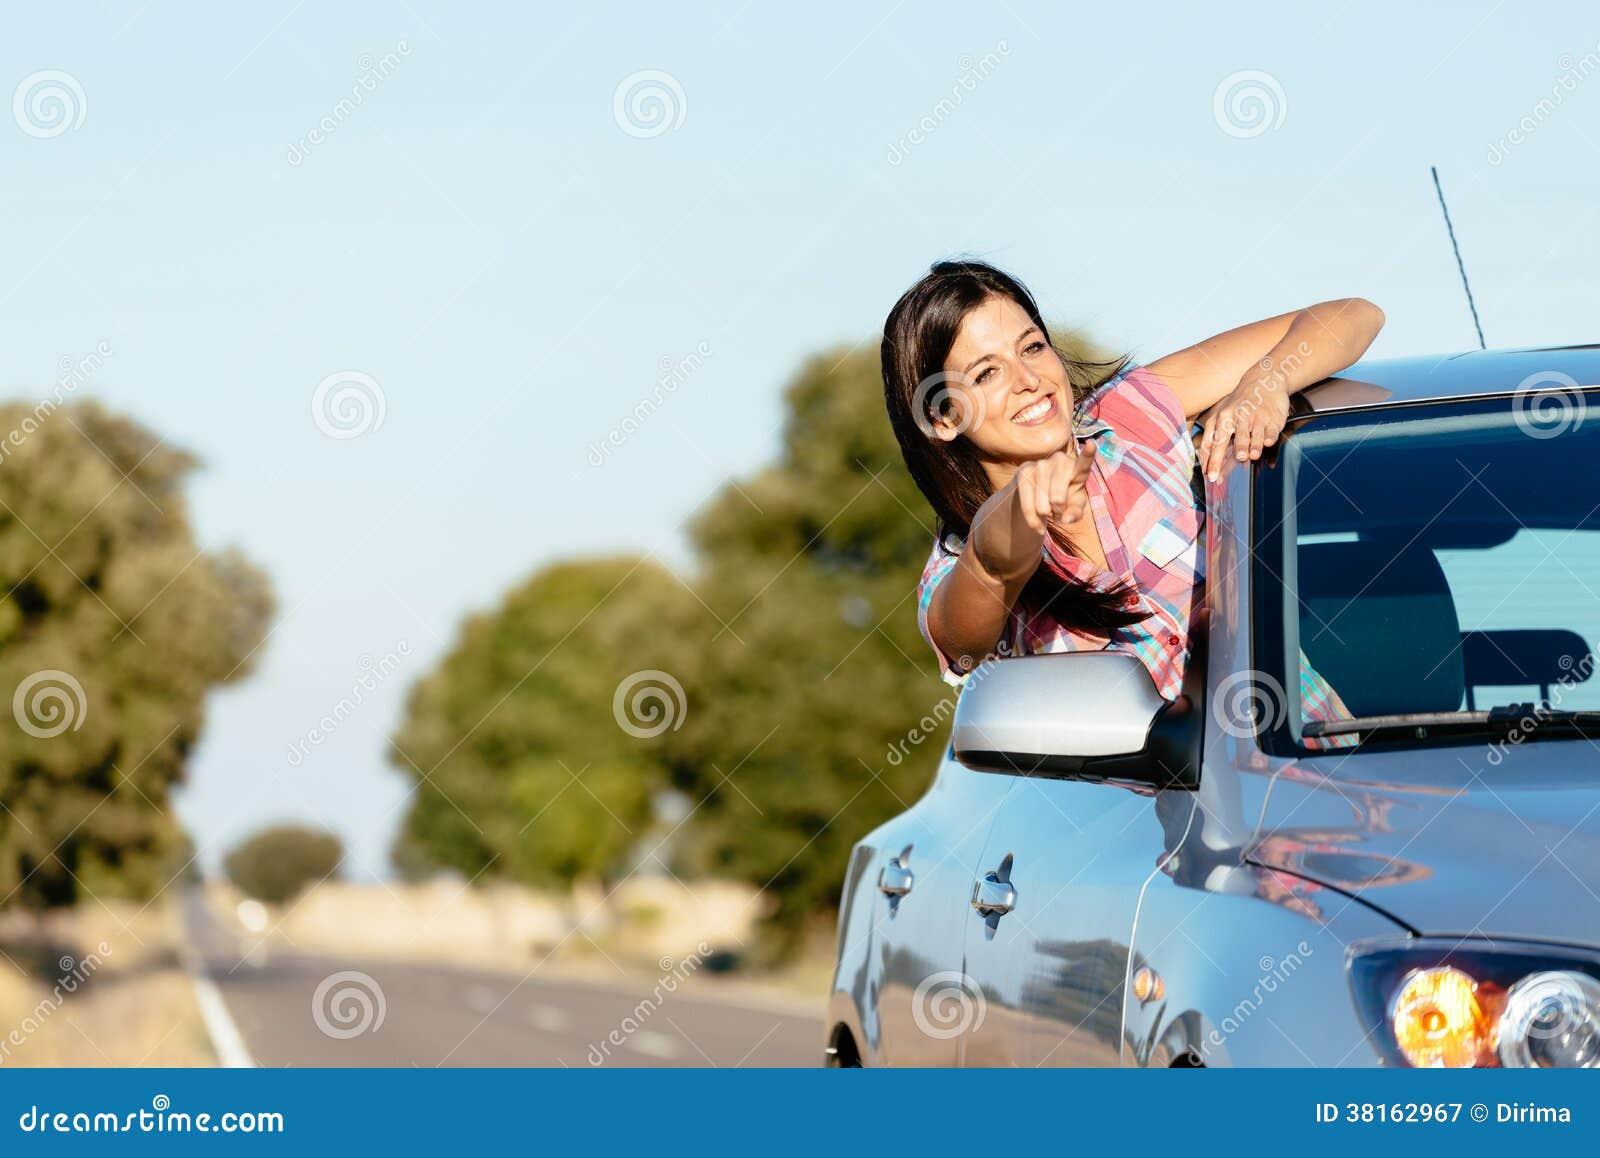 Γυναίκα στο αυτοκίνητο roadtrip που απολαμβάνει της ελευθερίας